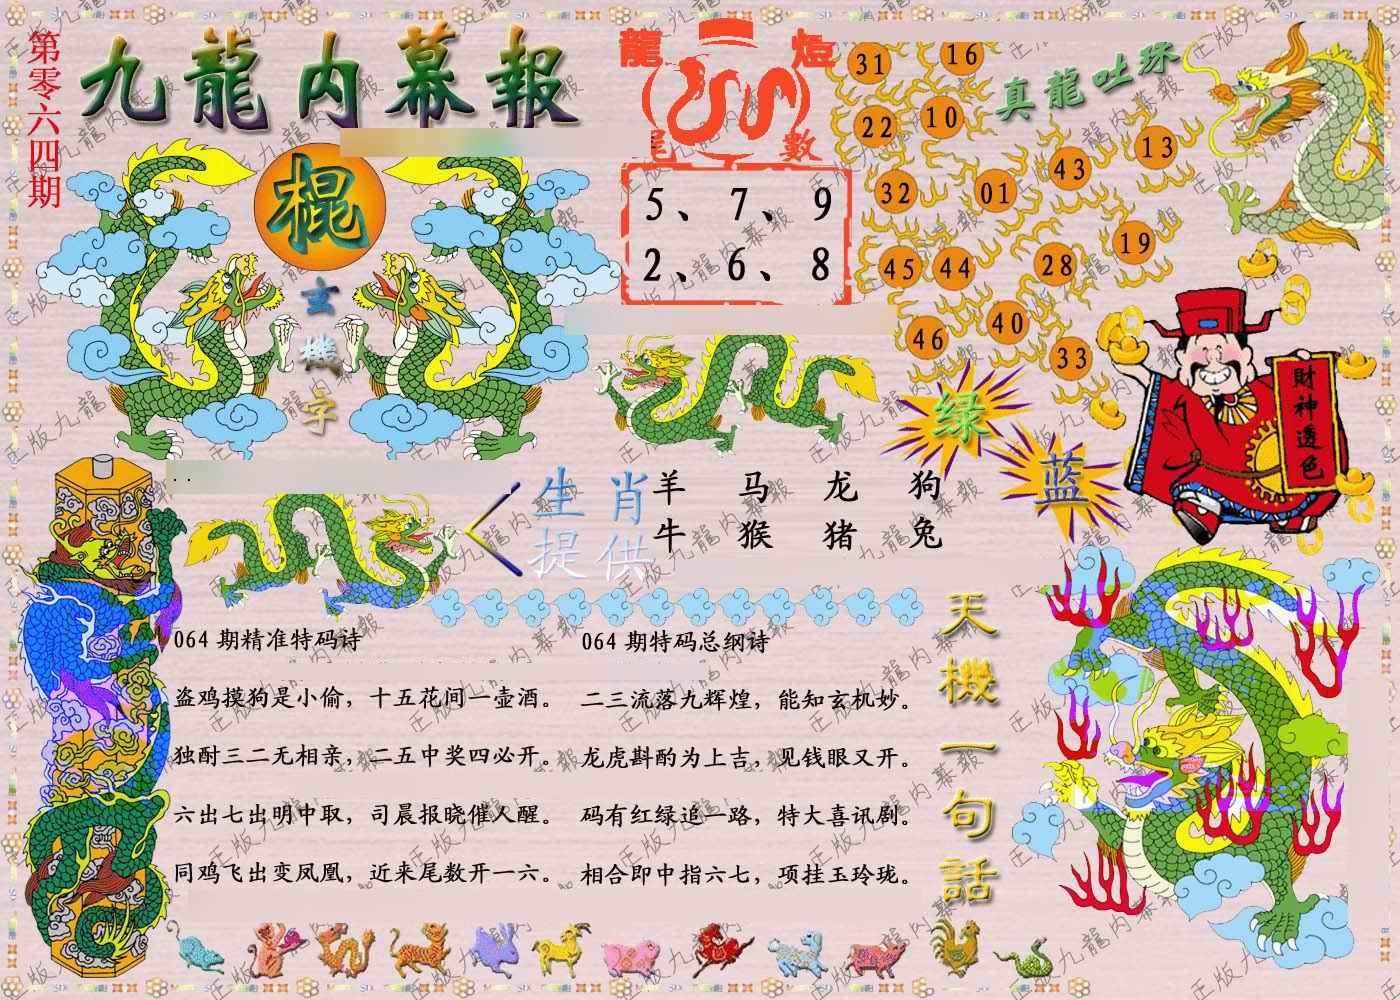 064期正版九龙内幕报